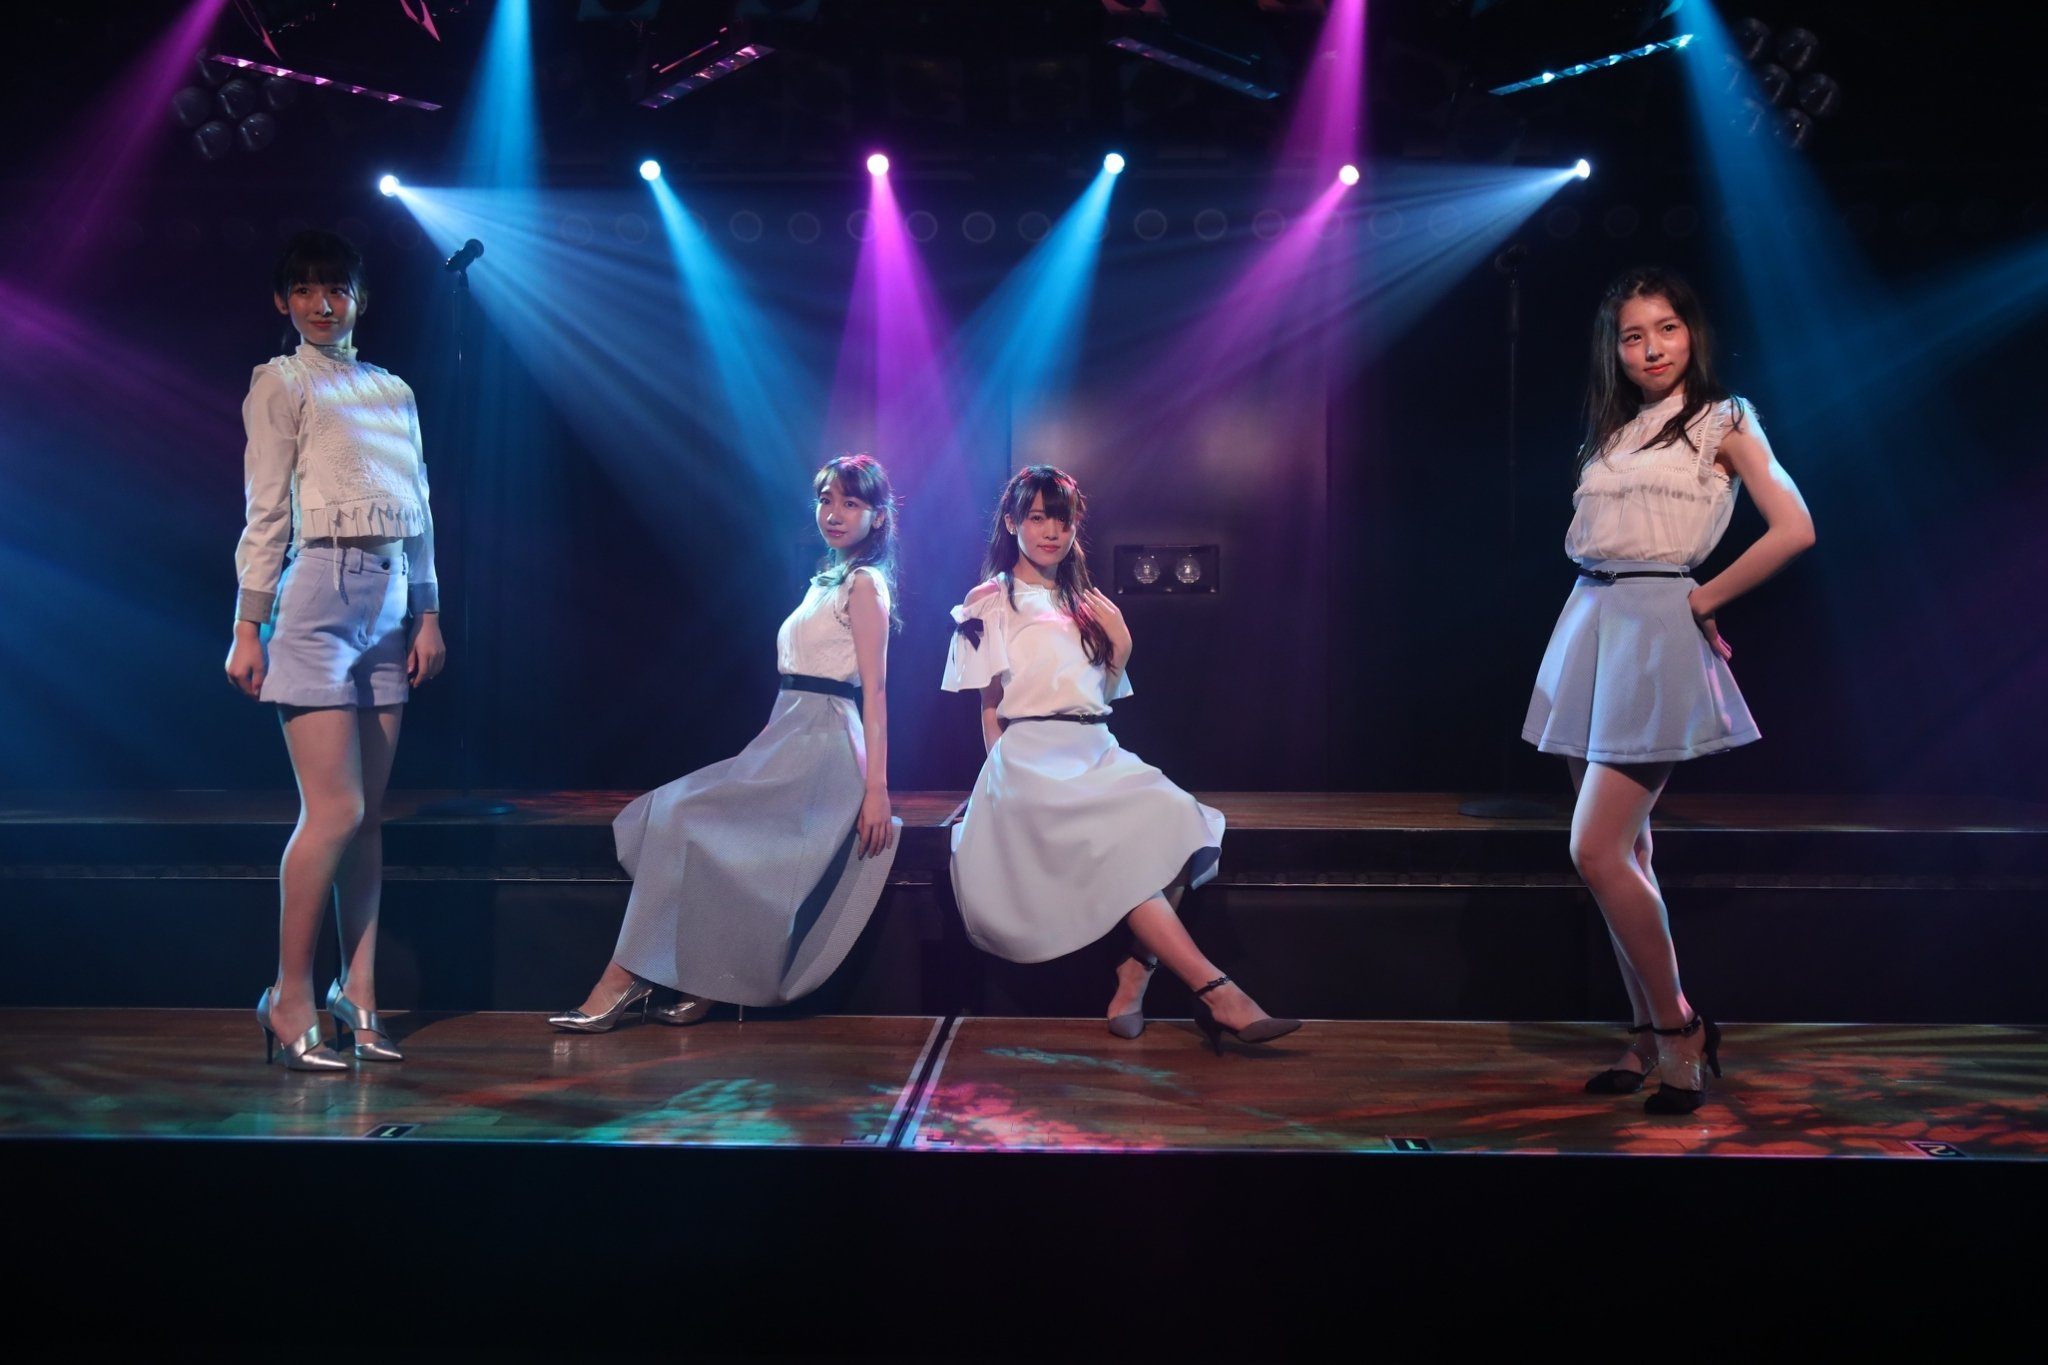 柏木由紀がセットリストを考案!AKB48新公演「僕の夏が始まる」が開幕【写真9枚】の画像006